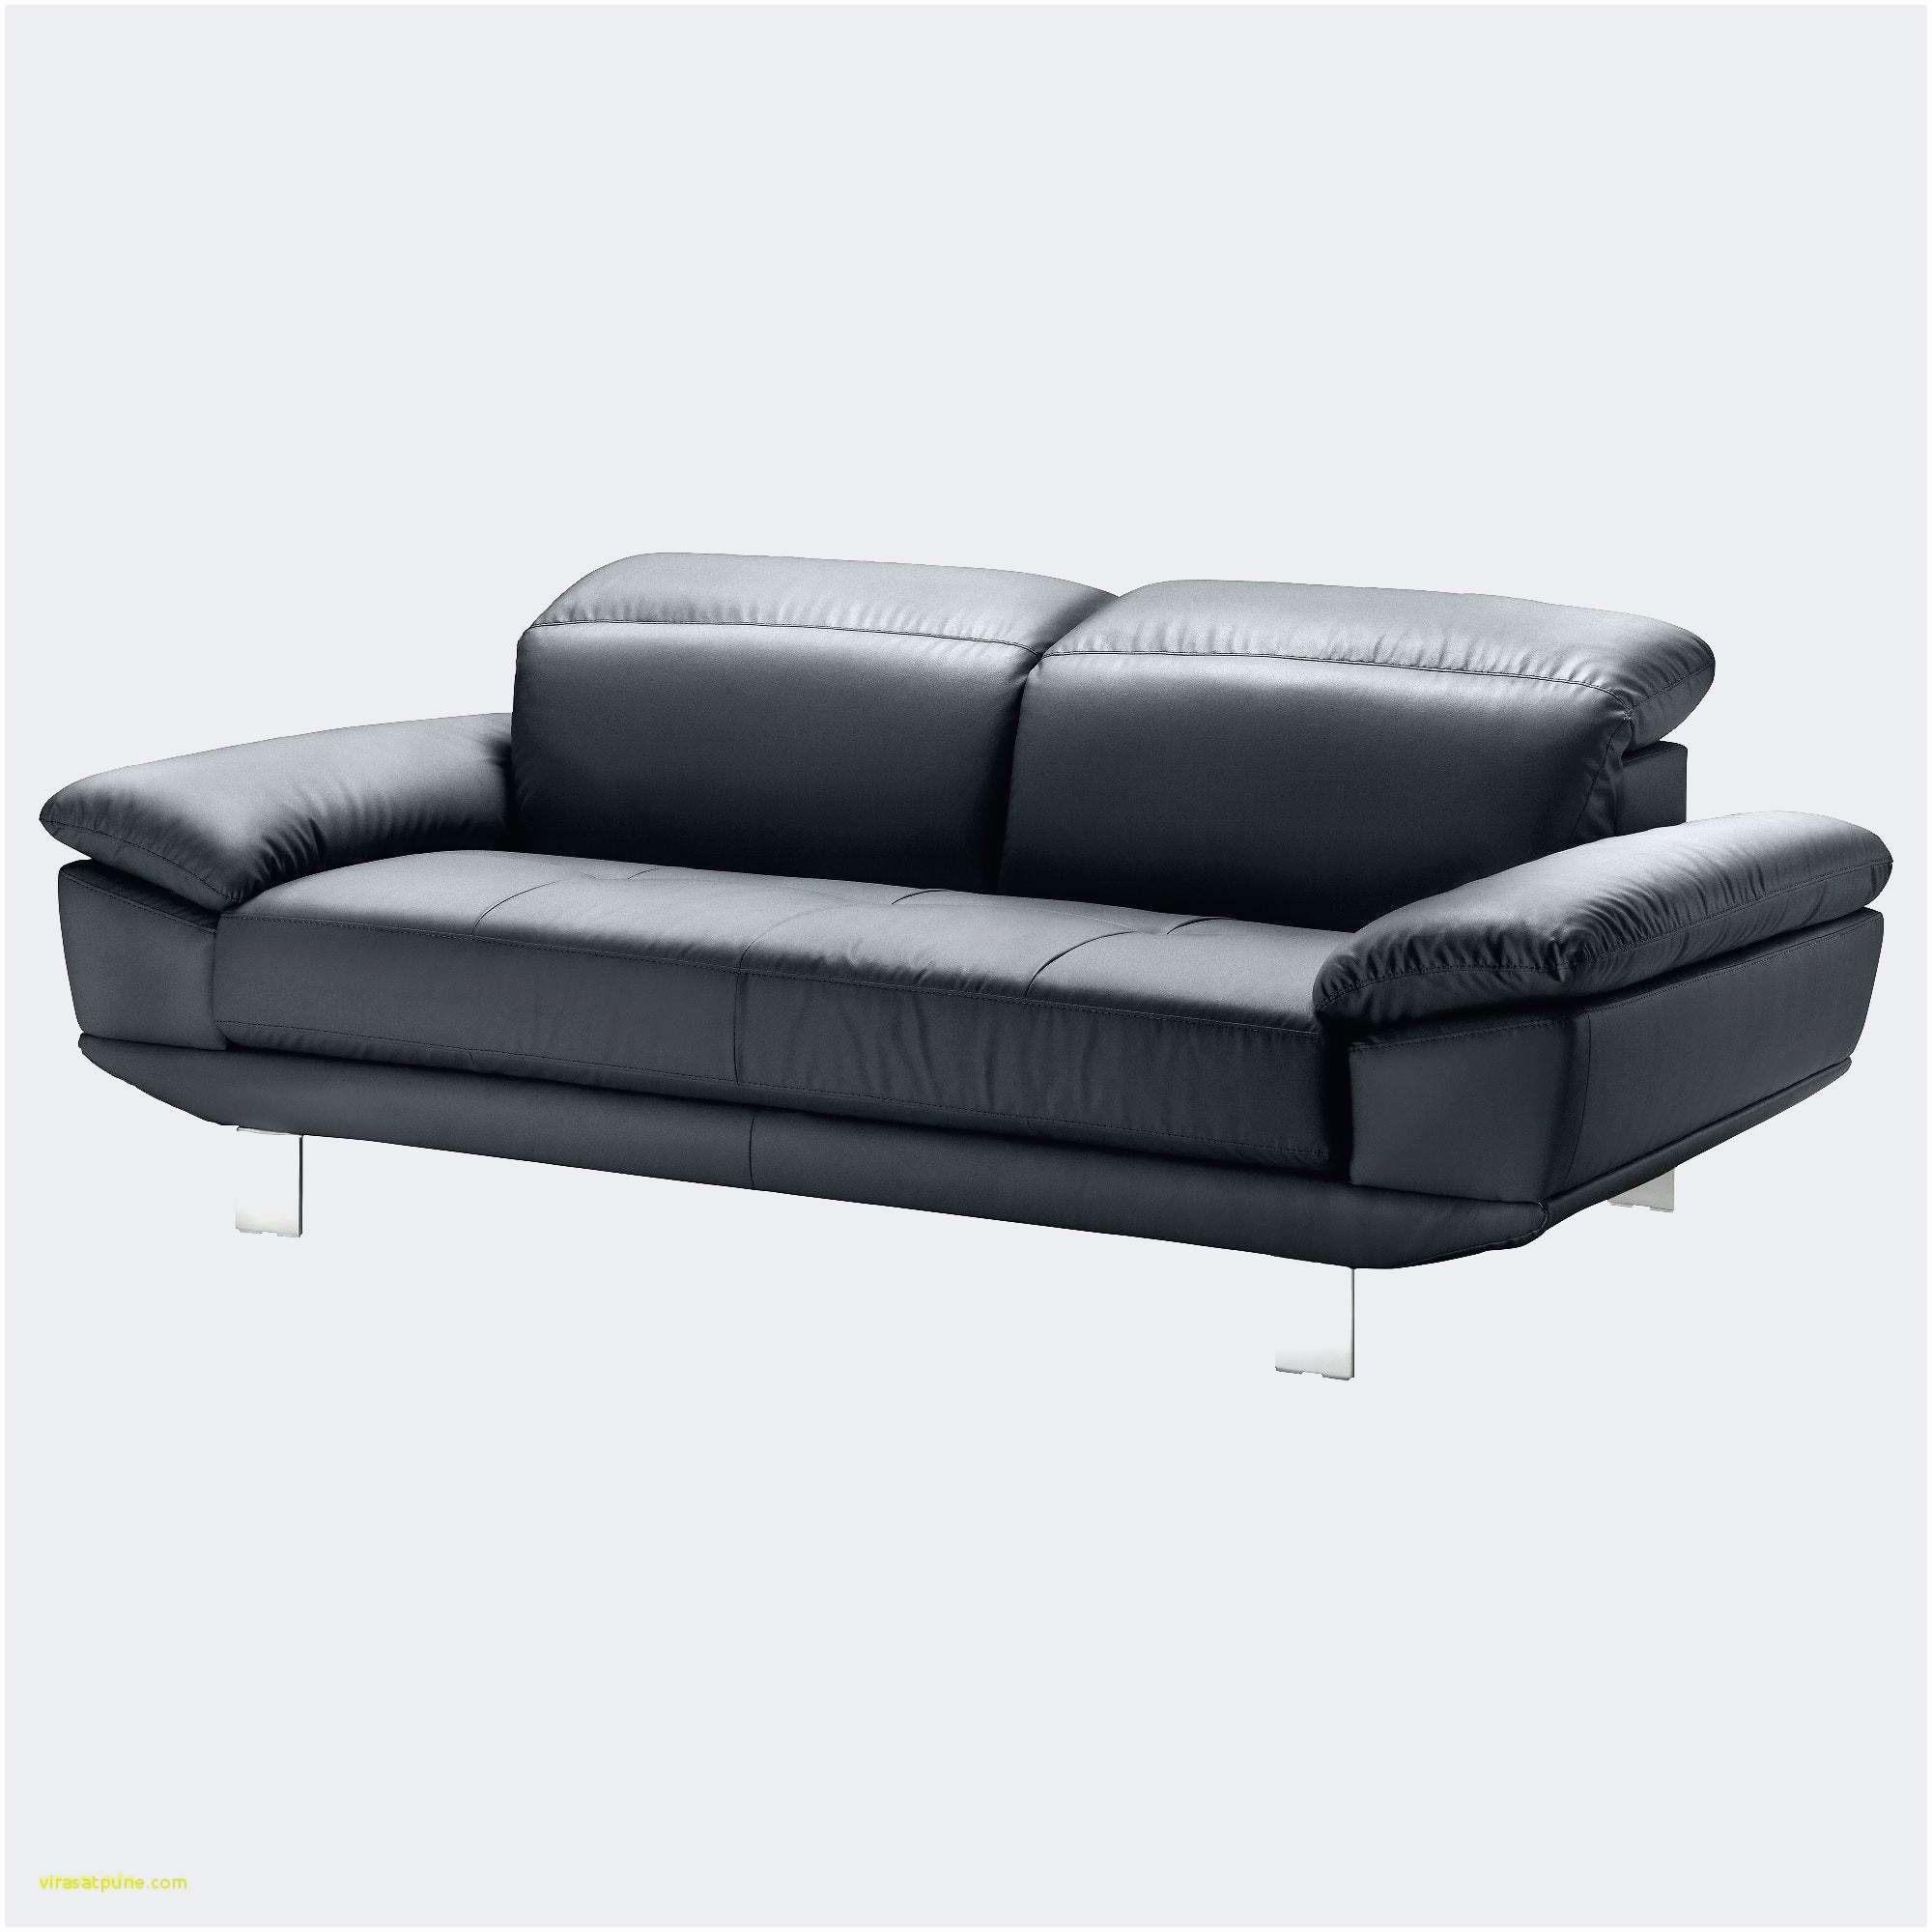 Lit Canapé Escamotable Nouveau Nouveau 38 Superbes Protection Pour Canapé En Cuir Pour Choix Lit